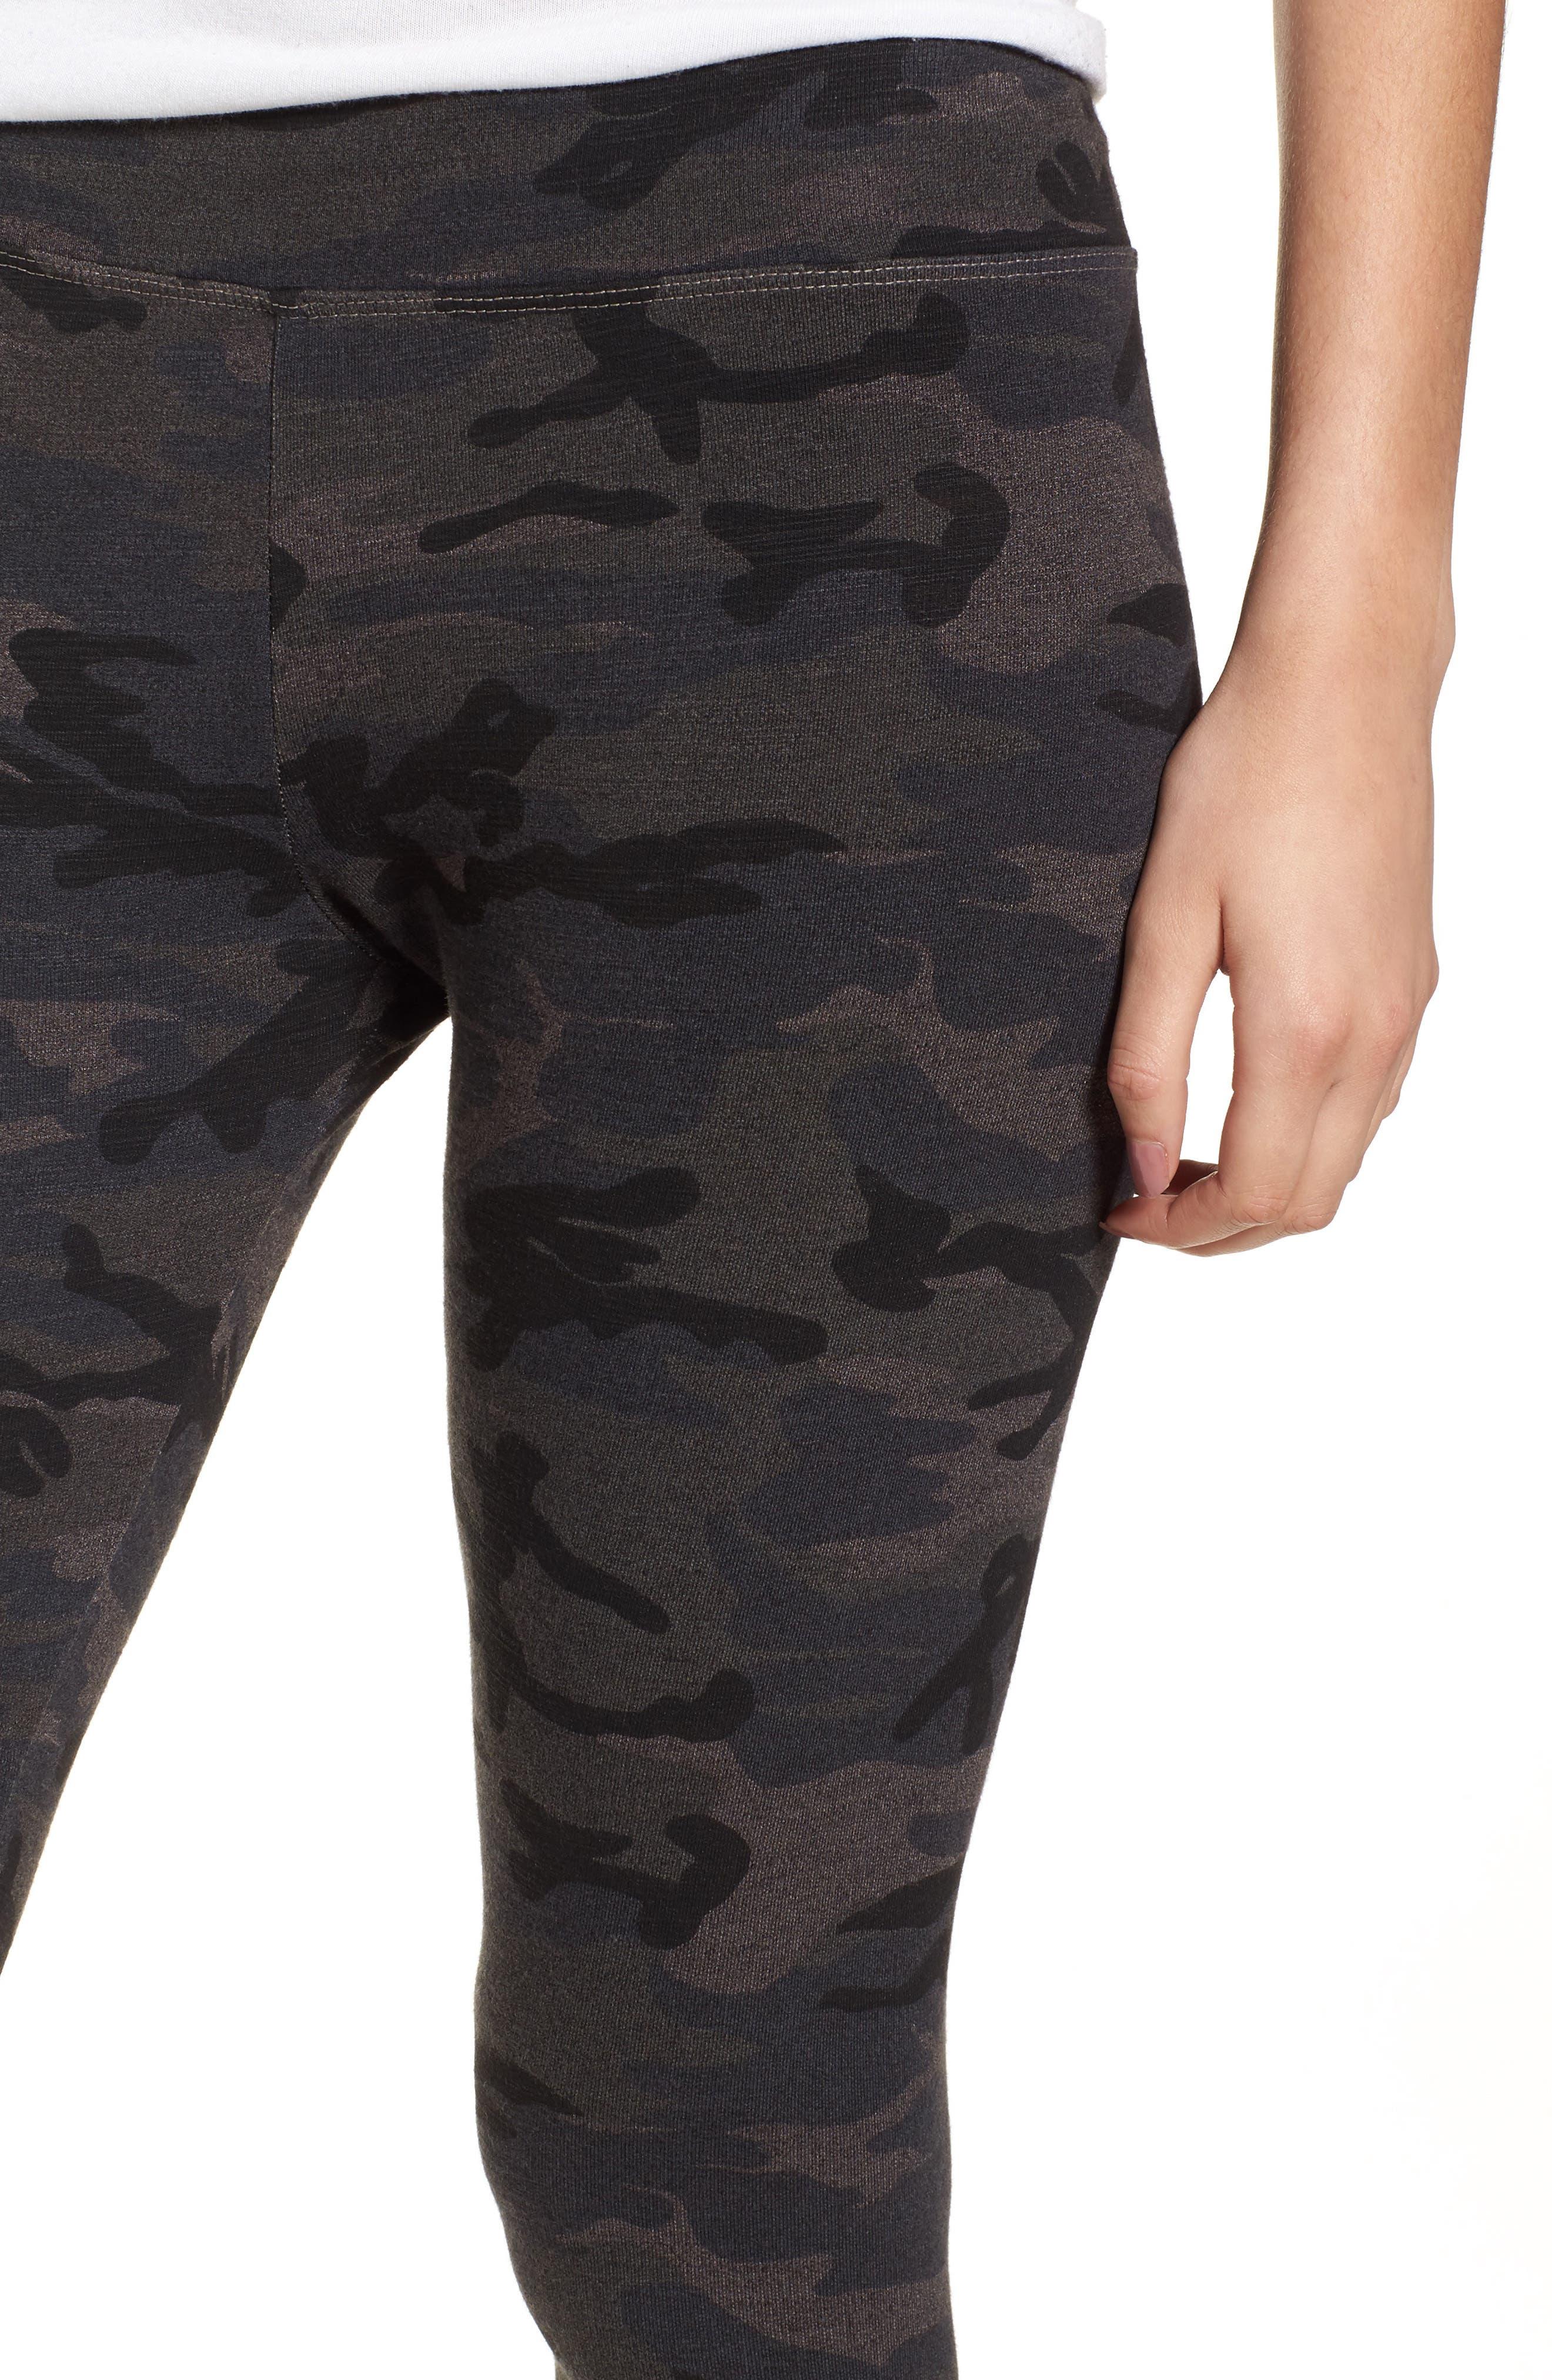 Camo Yoga Pants,                             Alternate thumbnail 4, color,                             Charcoal